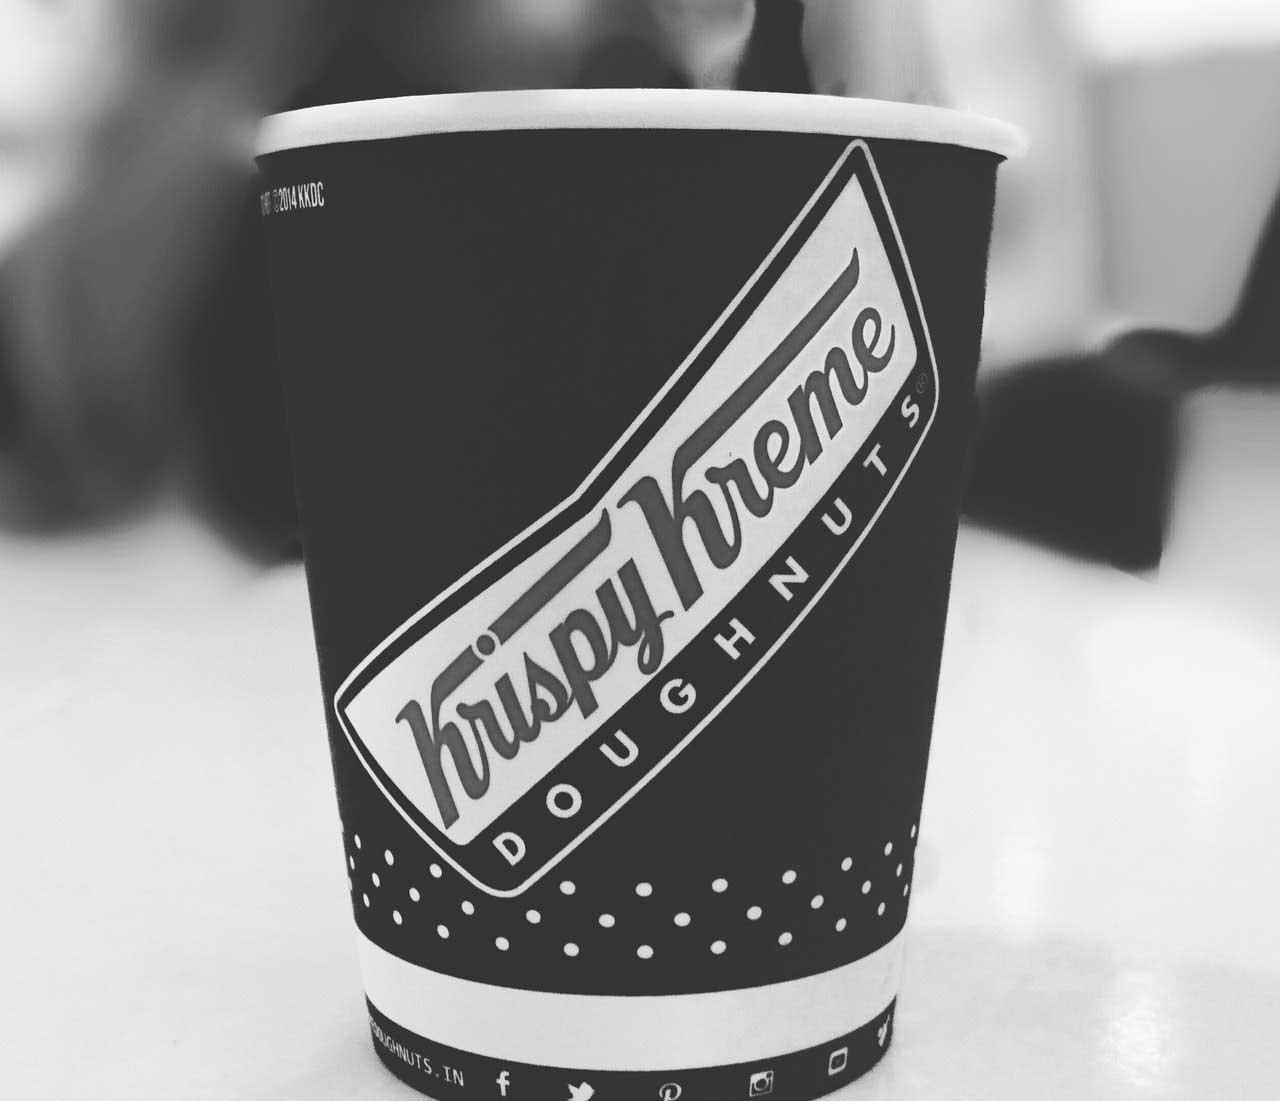 Krispy Kreme Registere Trademark